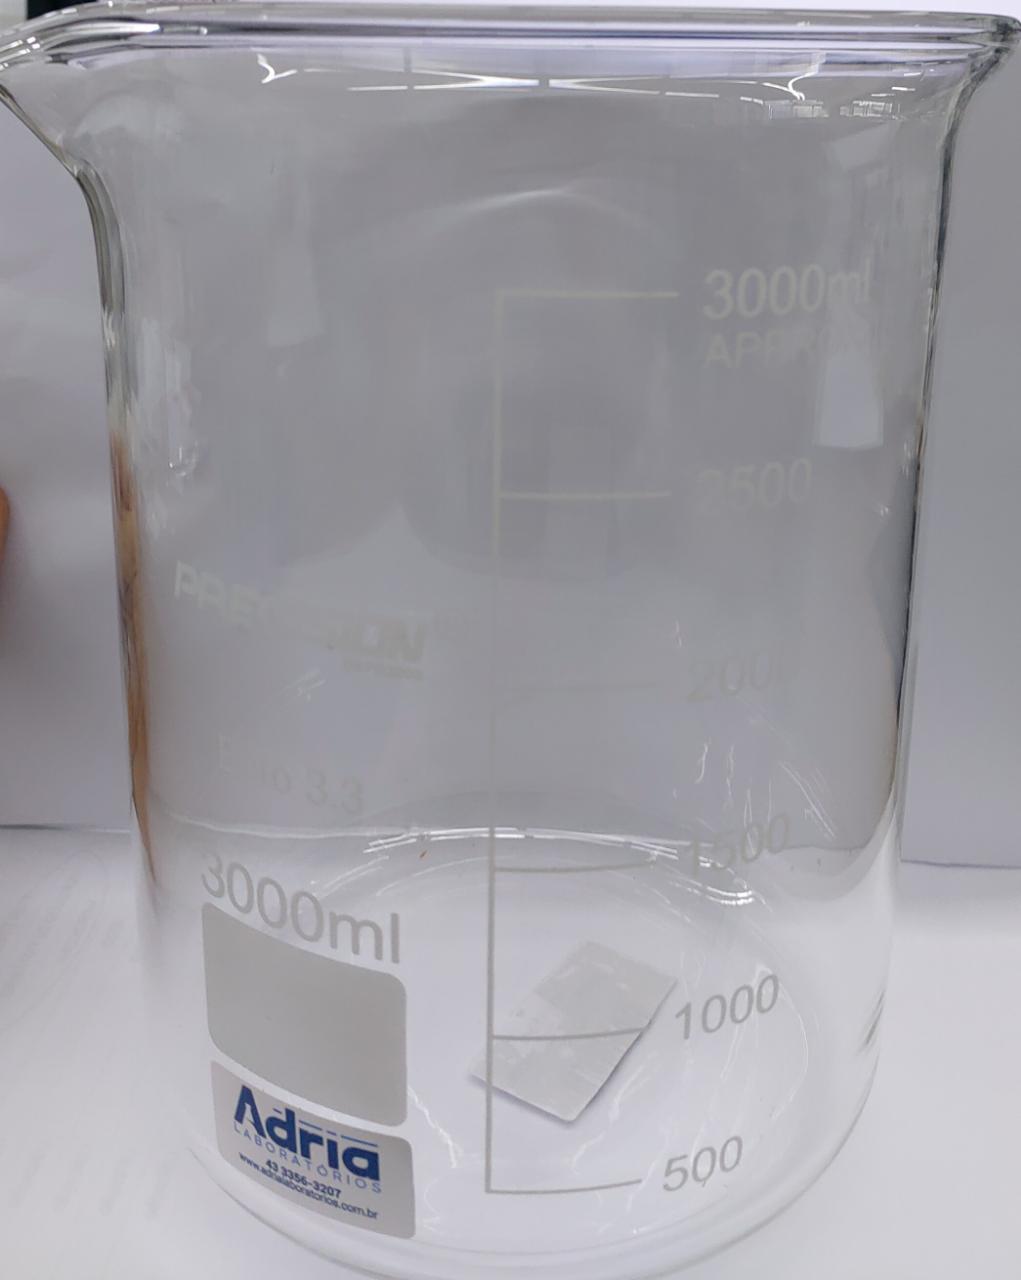 Copo Becker de Vidro (griffin) FB Graduado - Capacidade 3000ml Precision